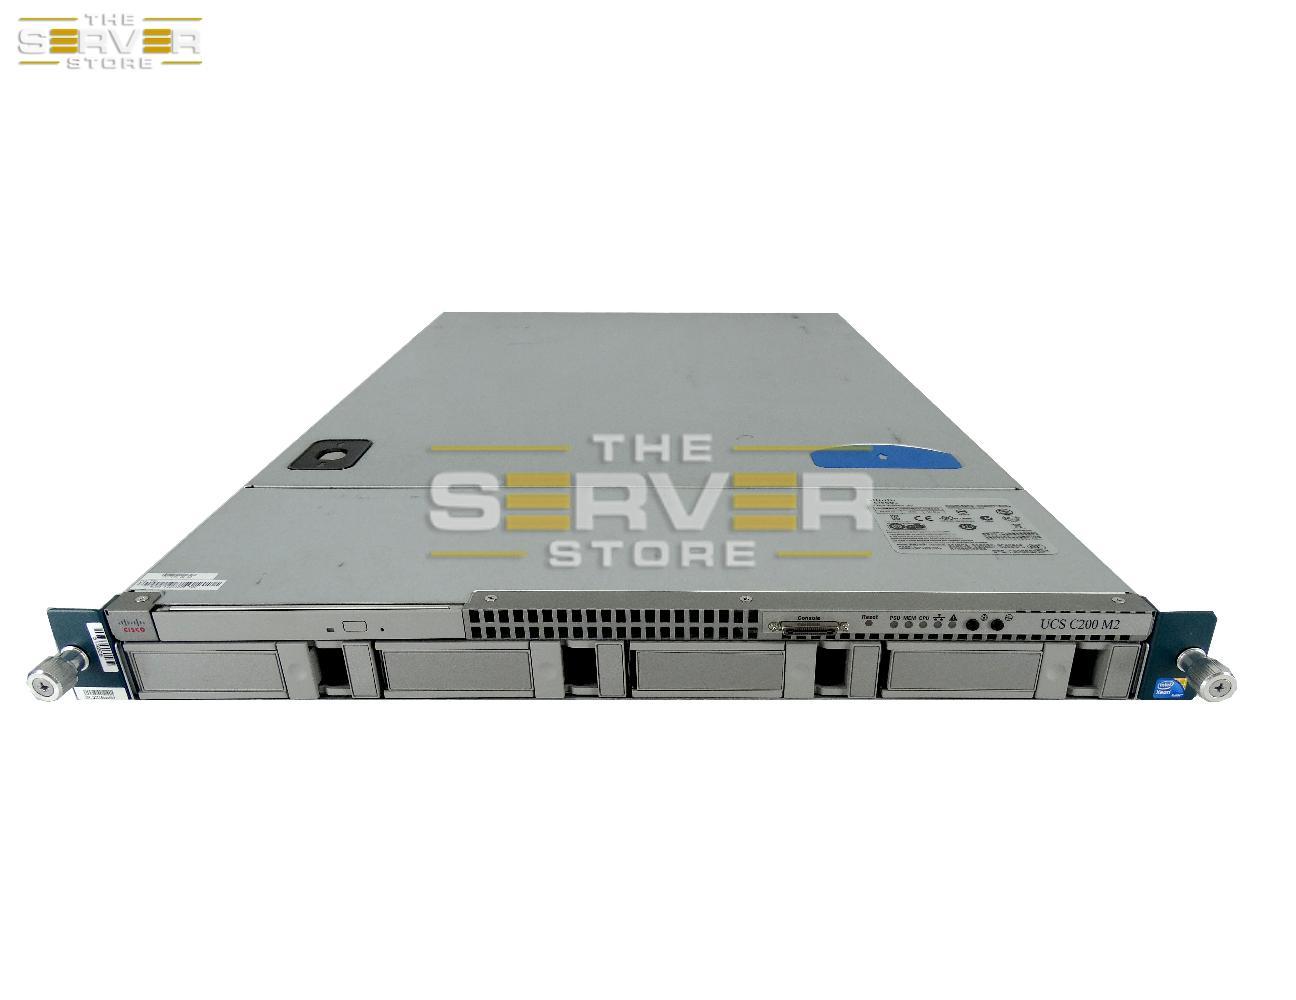 Cisco UCS C200 M2 4x LFF 1U Server Sale